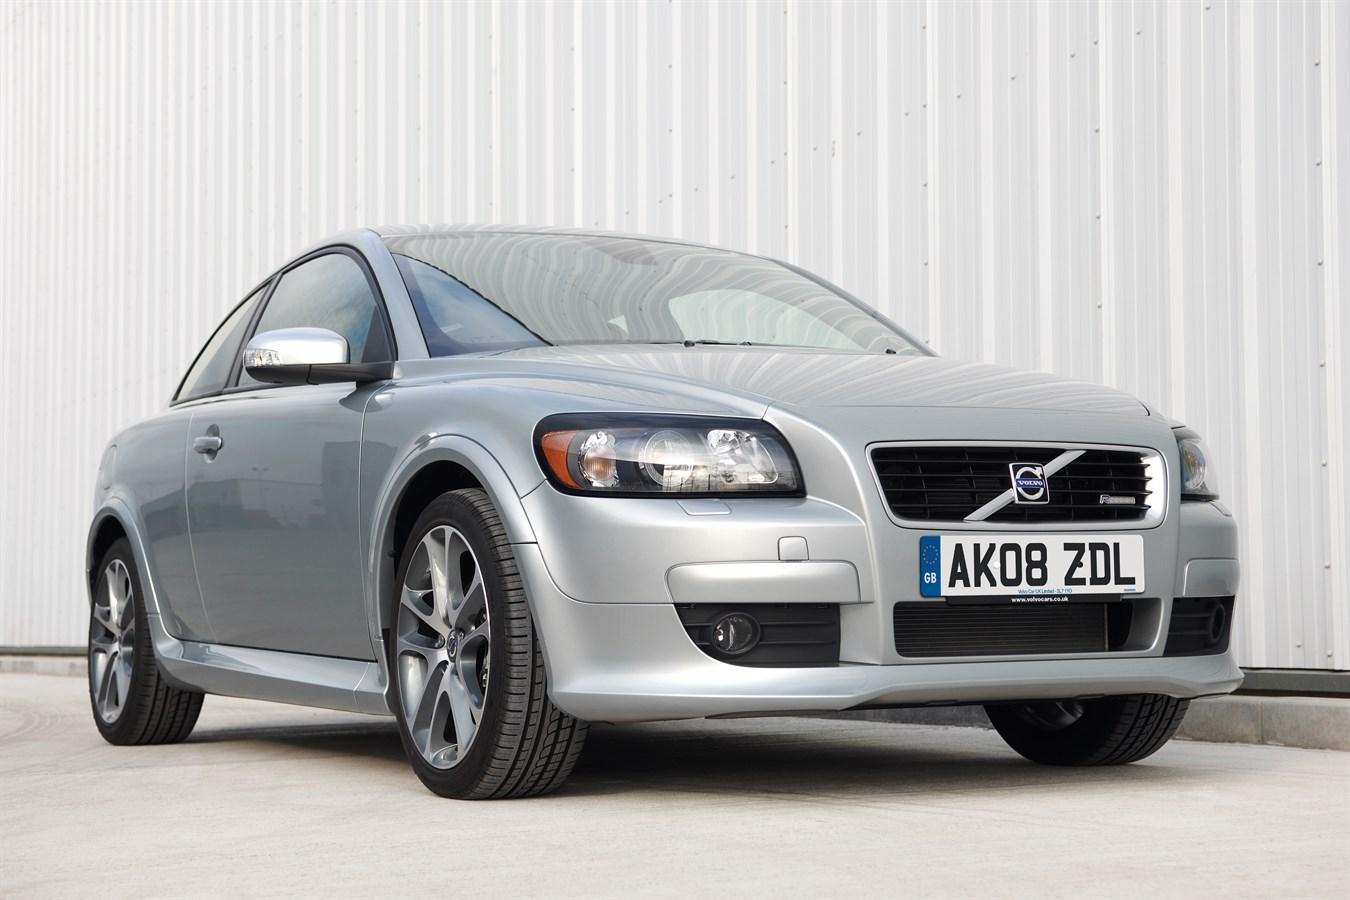 Volvo C30 SportsCoupe, Model Year 2009 - Volvo Car UK Media